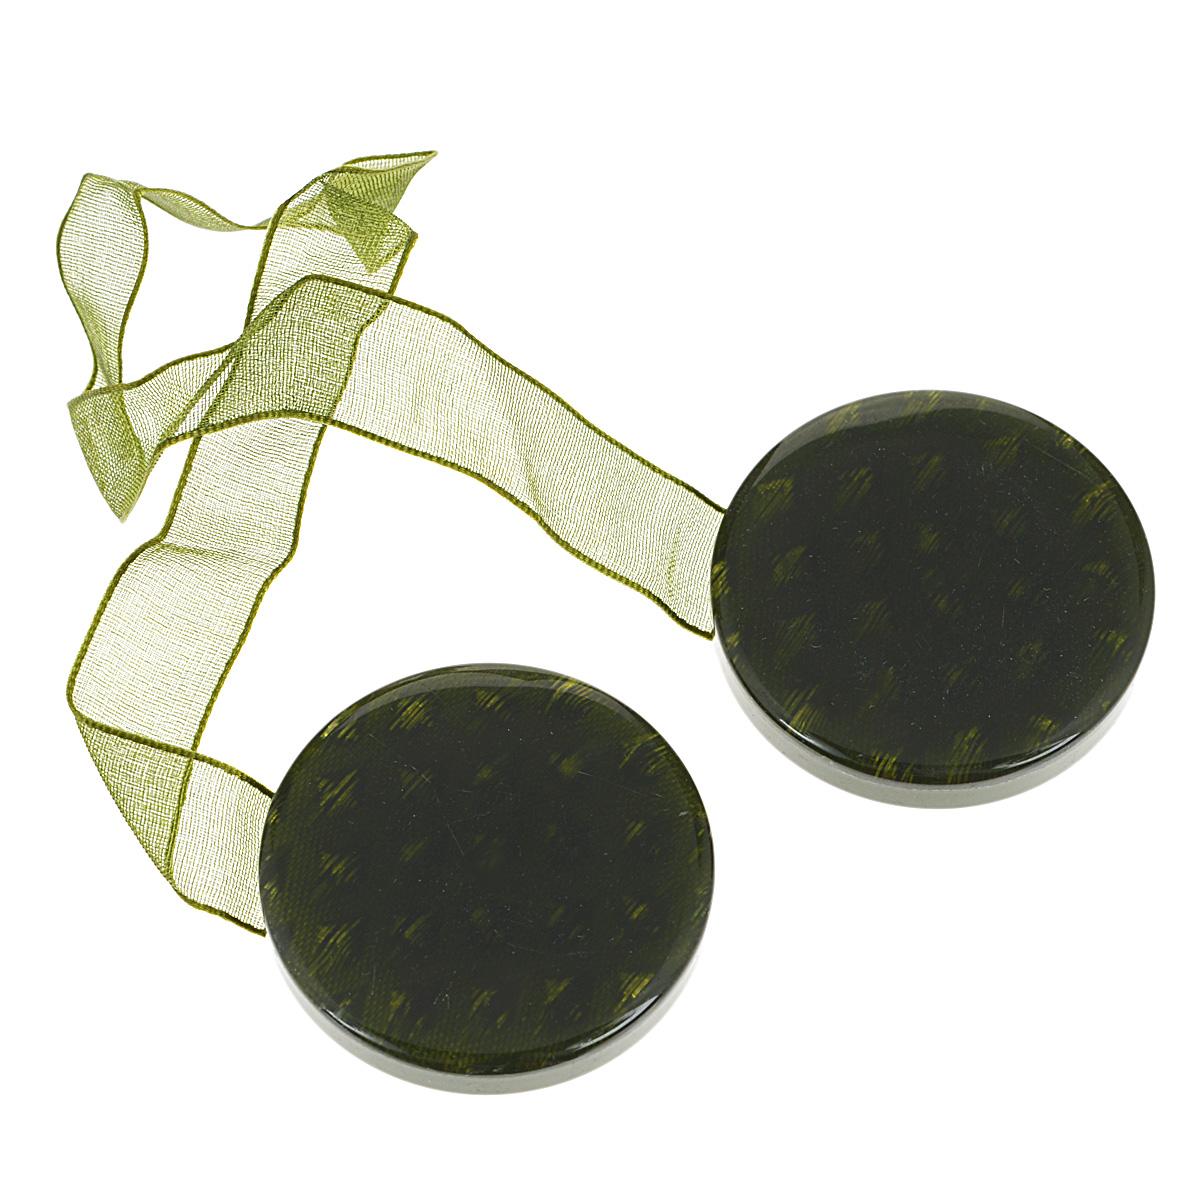 Клипса-магнит для штор Calamita Fiore, цвет: зеленый. 7704005_7817704005_781Клипса-магнит Calamita Fiore, изготовленная из пластика, предназначена для придания формы шторам. Изделие представляет собой два магнита круглой формы, расположенные на разных концах текстильной ленты. С помощью такой магнитной клипсы можно зафиксировать портьеры, придать им требуемое положение, сделать складки симметричными или приблизить портьеры, скрепить их. Клипсы для штор являются универсальным изделием, которое превосходно подойдет как для штор в детской комнате, так и для штор в гостиной. Следует отметить, что клипсы для штор выполняют не только практическую функцию, но также являются одной из основных деталей декора этого изделия, которая придает шторам восхитительный, стильный внешний вид. Материал: полиэстер, пластик, магнит.Диаметр клипсы: 4 см.Длина ленты: 28 см.